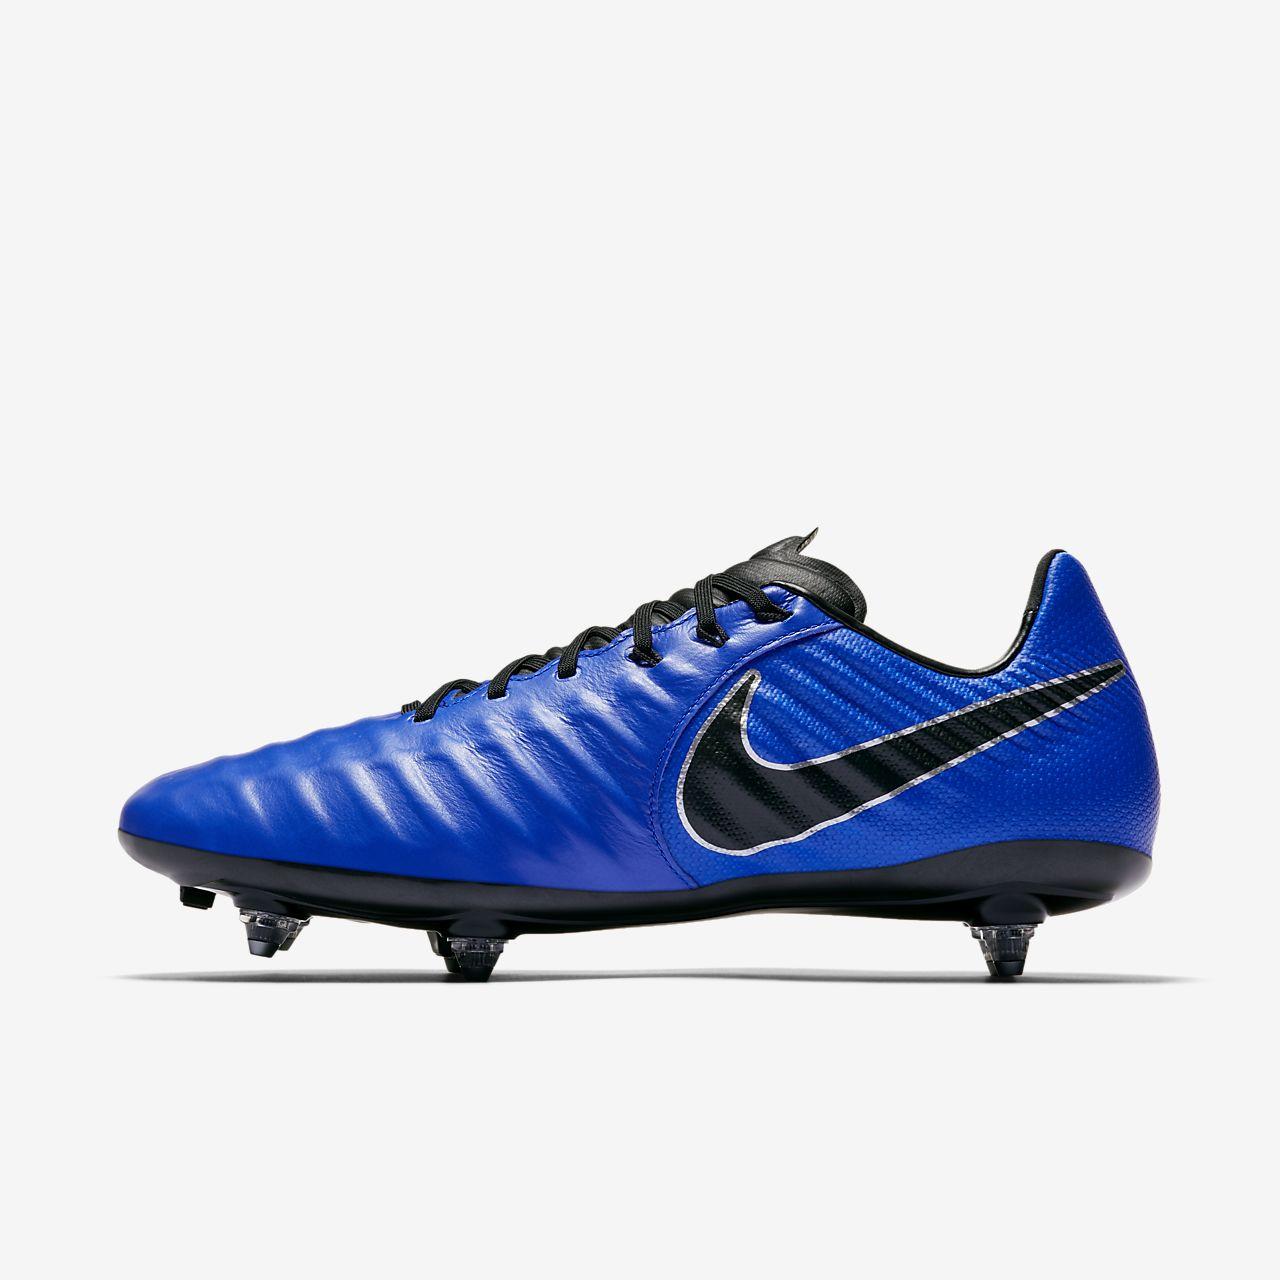 d0267603a0669 Nike Tiempo Legend VII Pro Botas de fútbol para terreno blando. Nike ...